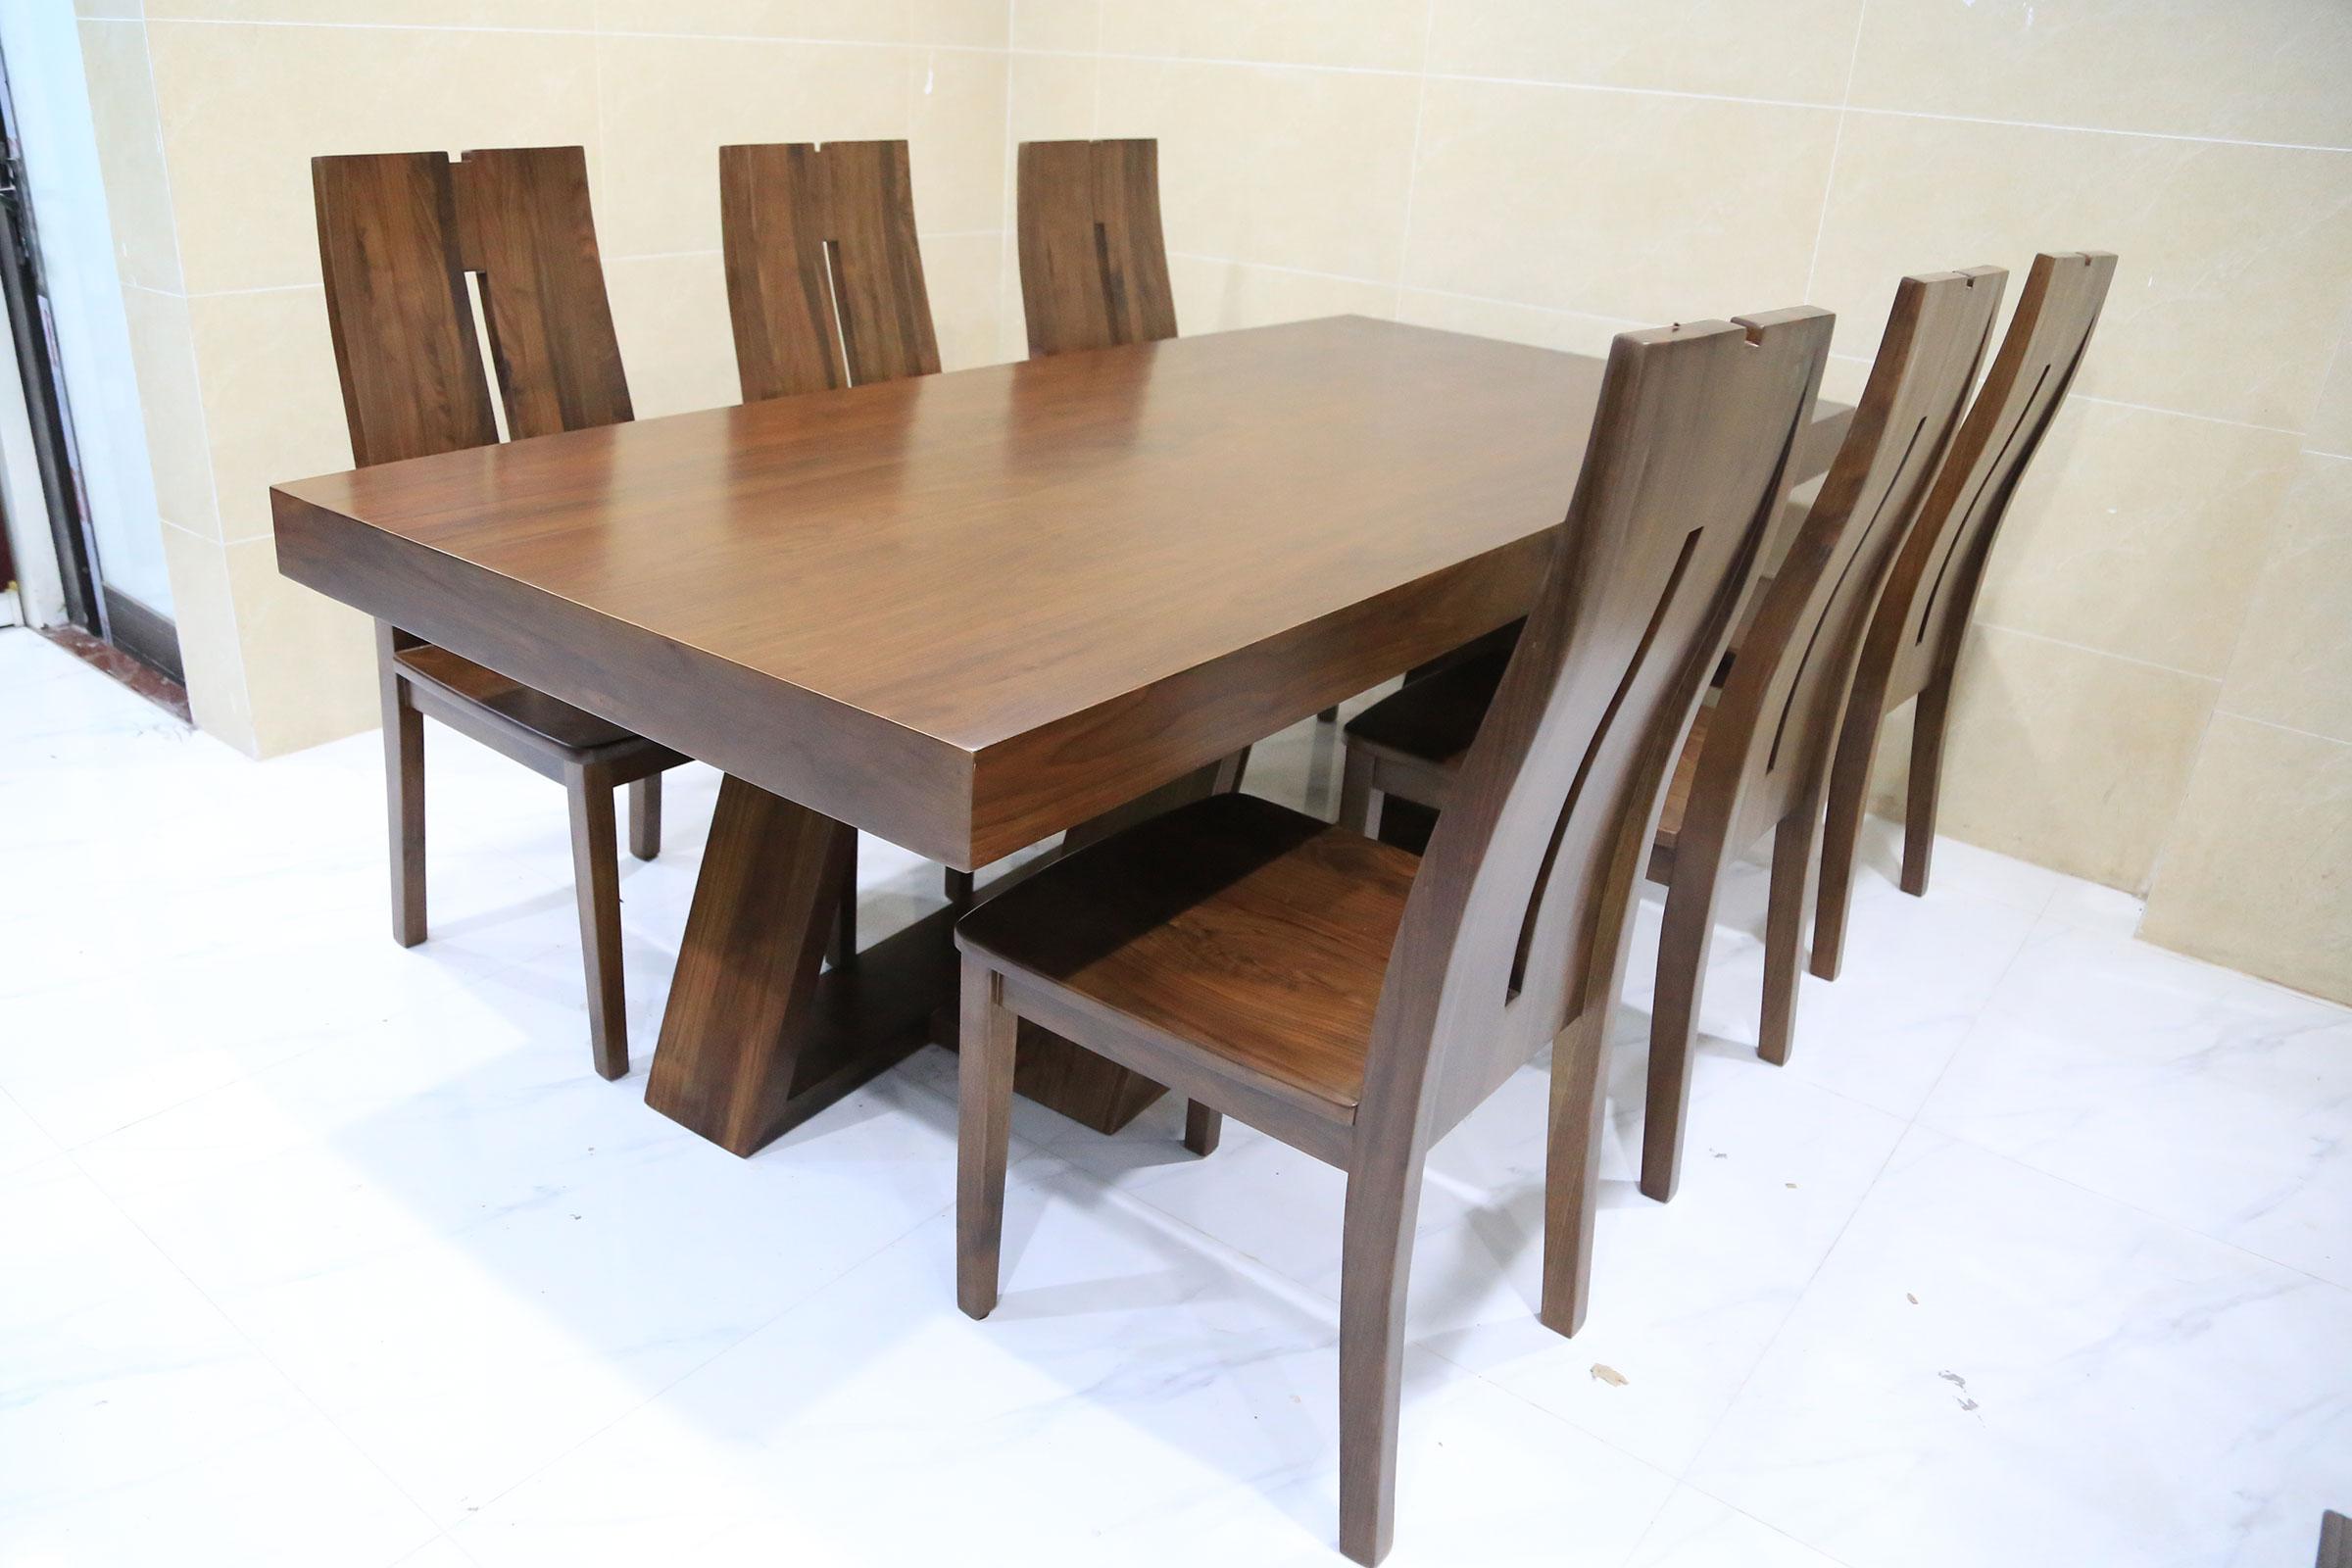 Bộ bàn ghế ăn Grand tại căn hộ chị Yến (Long Biên, Hà Nội)